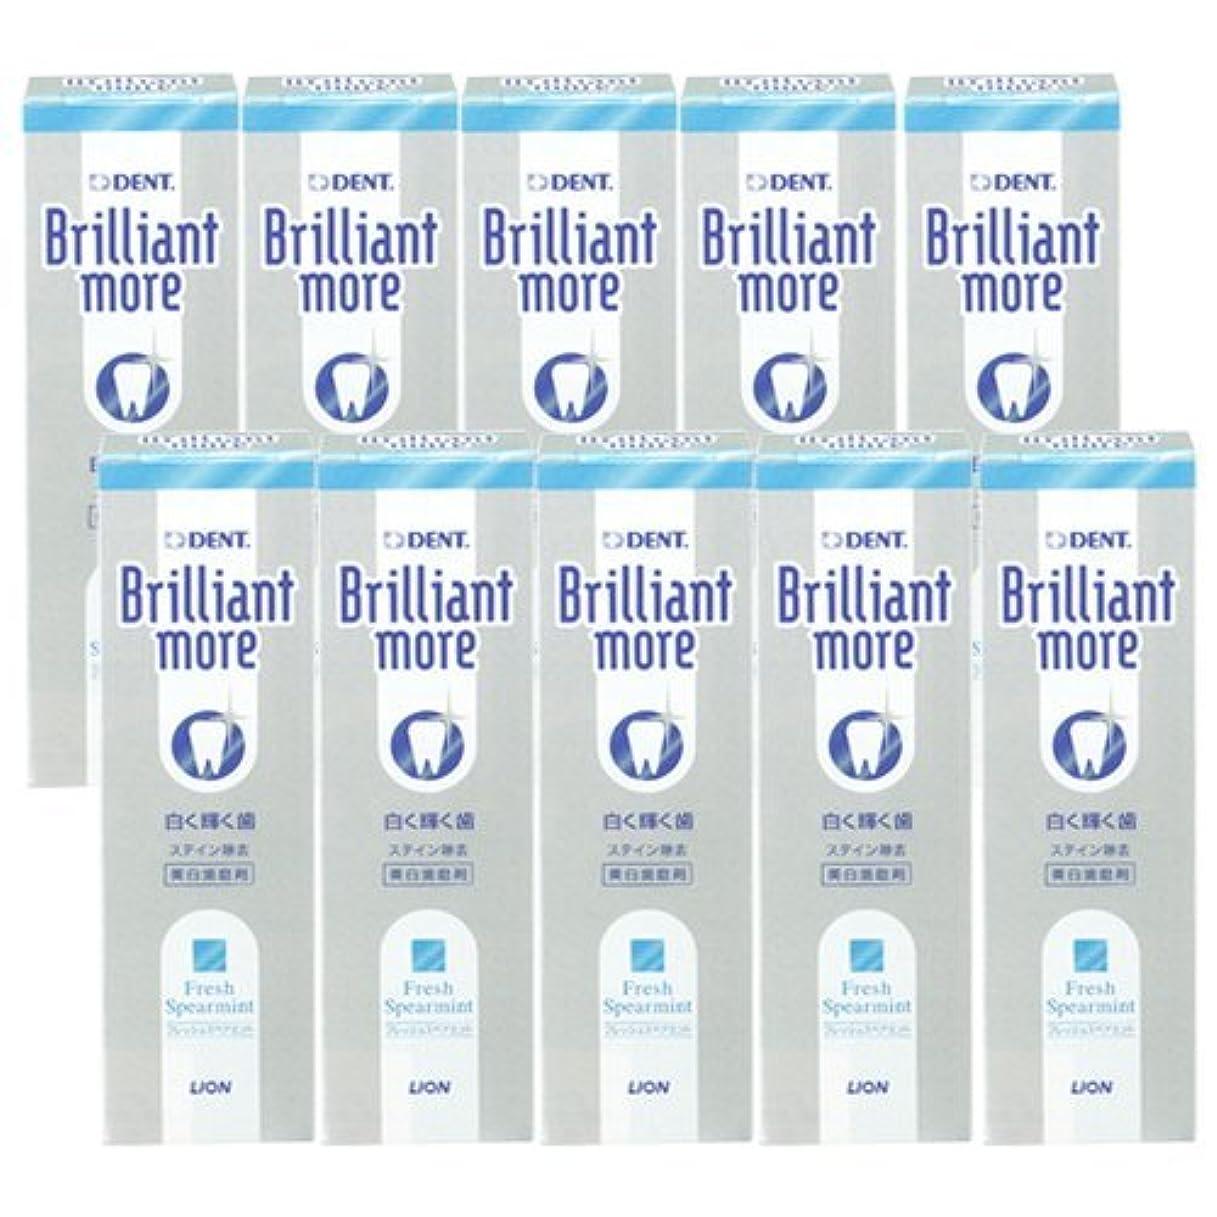 モルヒネ定常定期的なライオン ブリリアントモア フレッシュスペアミント 美白歯磨剤 LION Brilliant more 10本セット